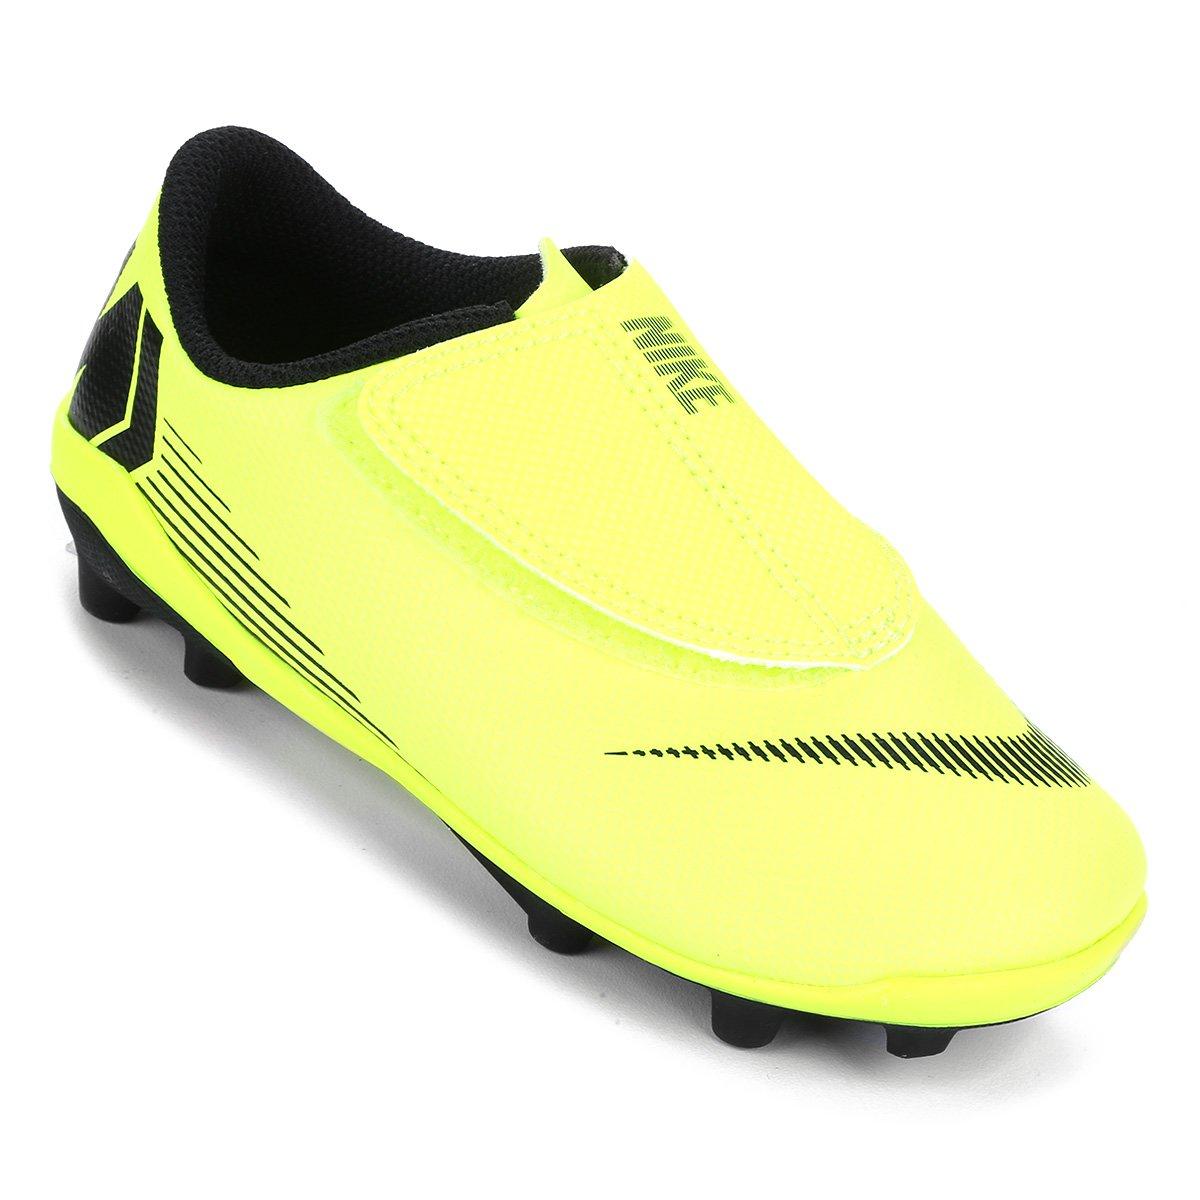 da6ed64146 Chuteira Campo Infantil Nike Mercurial Vapor 12 Club PS FG - Amarelo e Preto